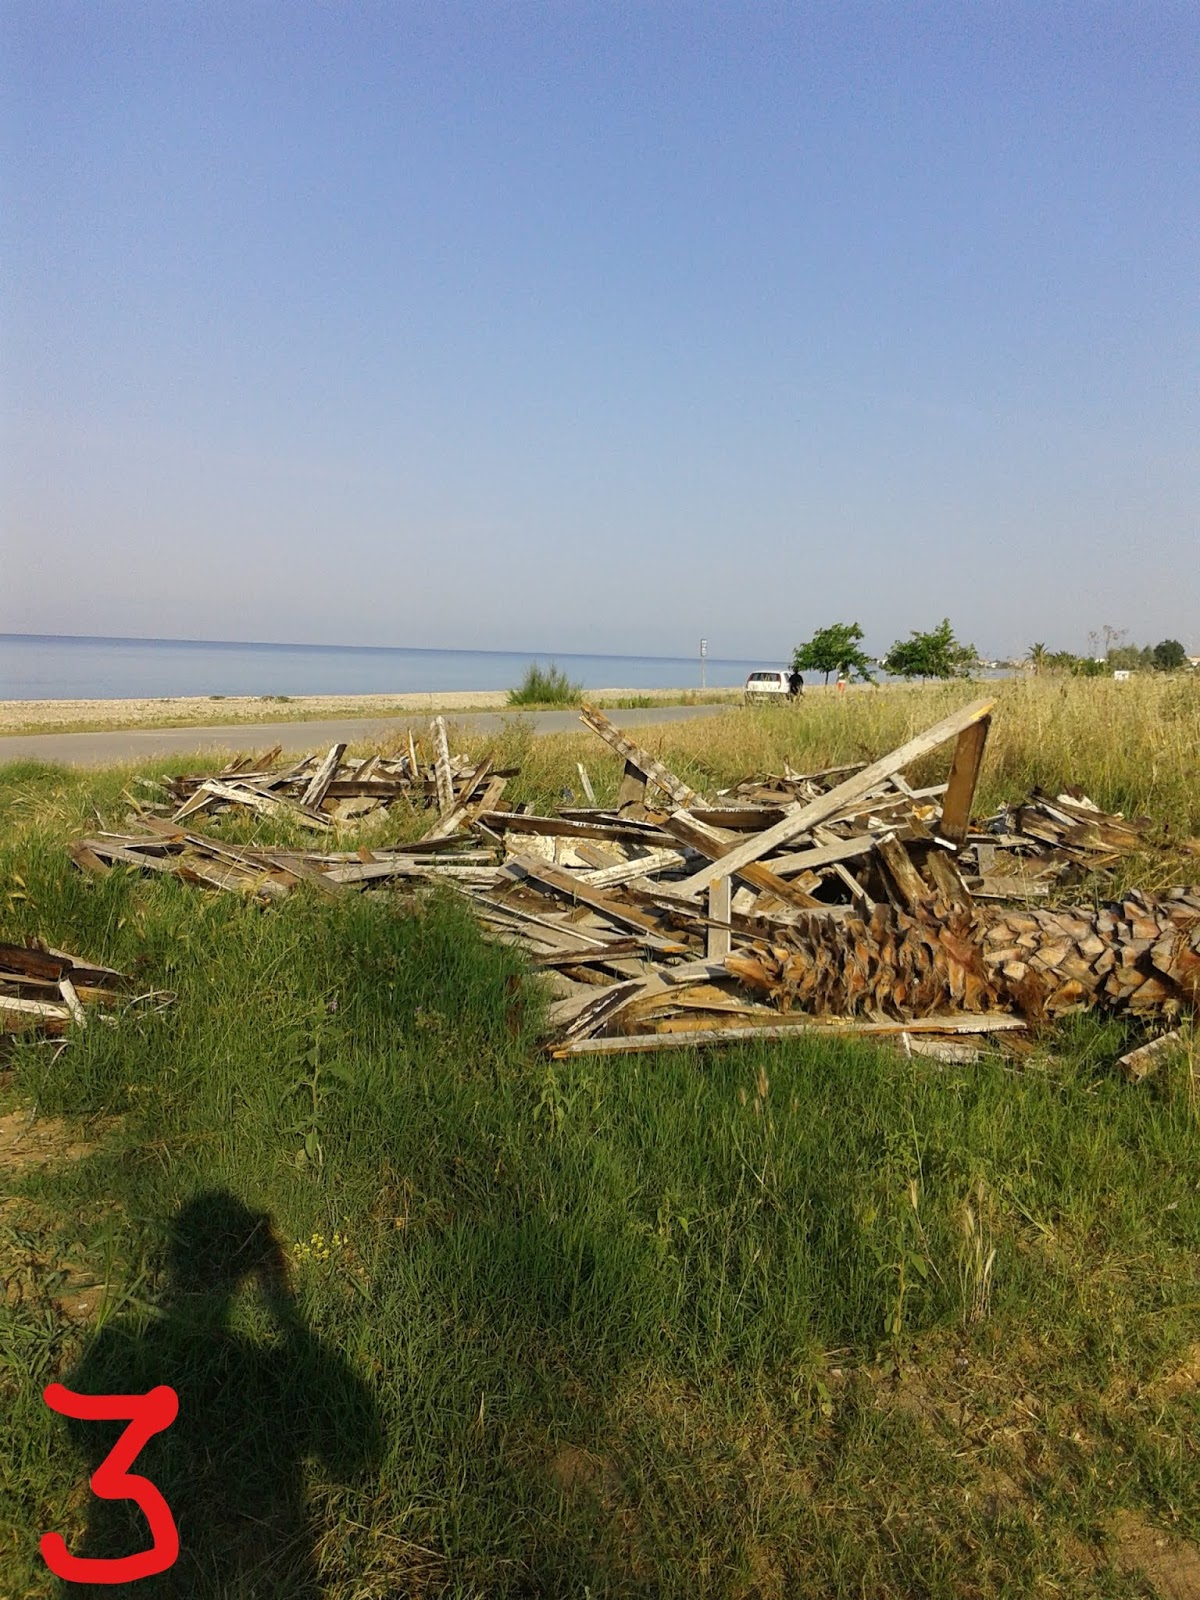 Ρύπανση παραλίας με μπάζα στο Δήμο Νέας Προποντίδας